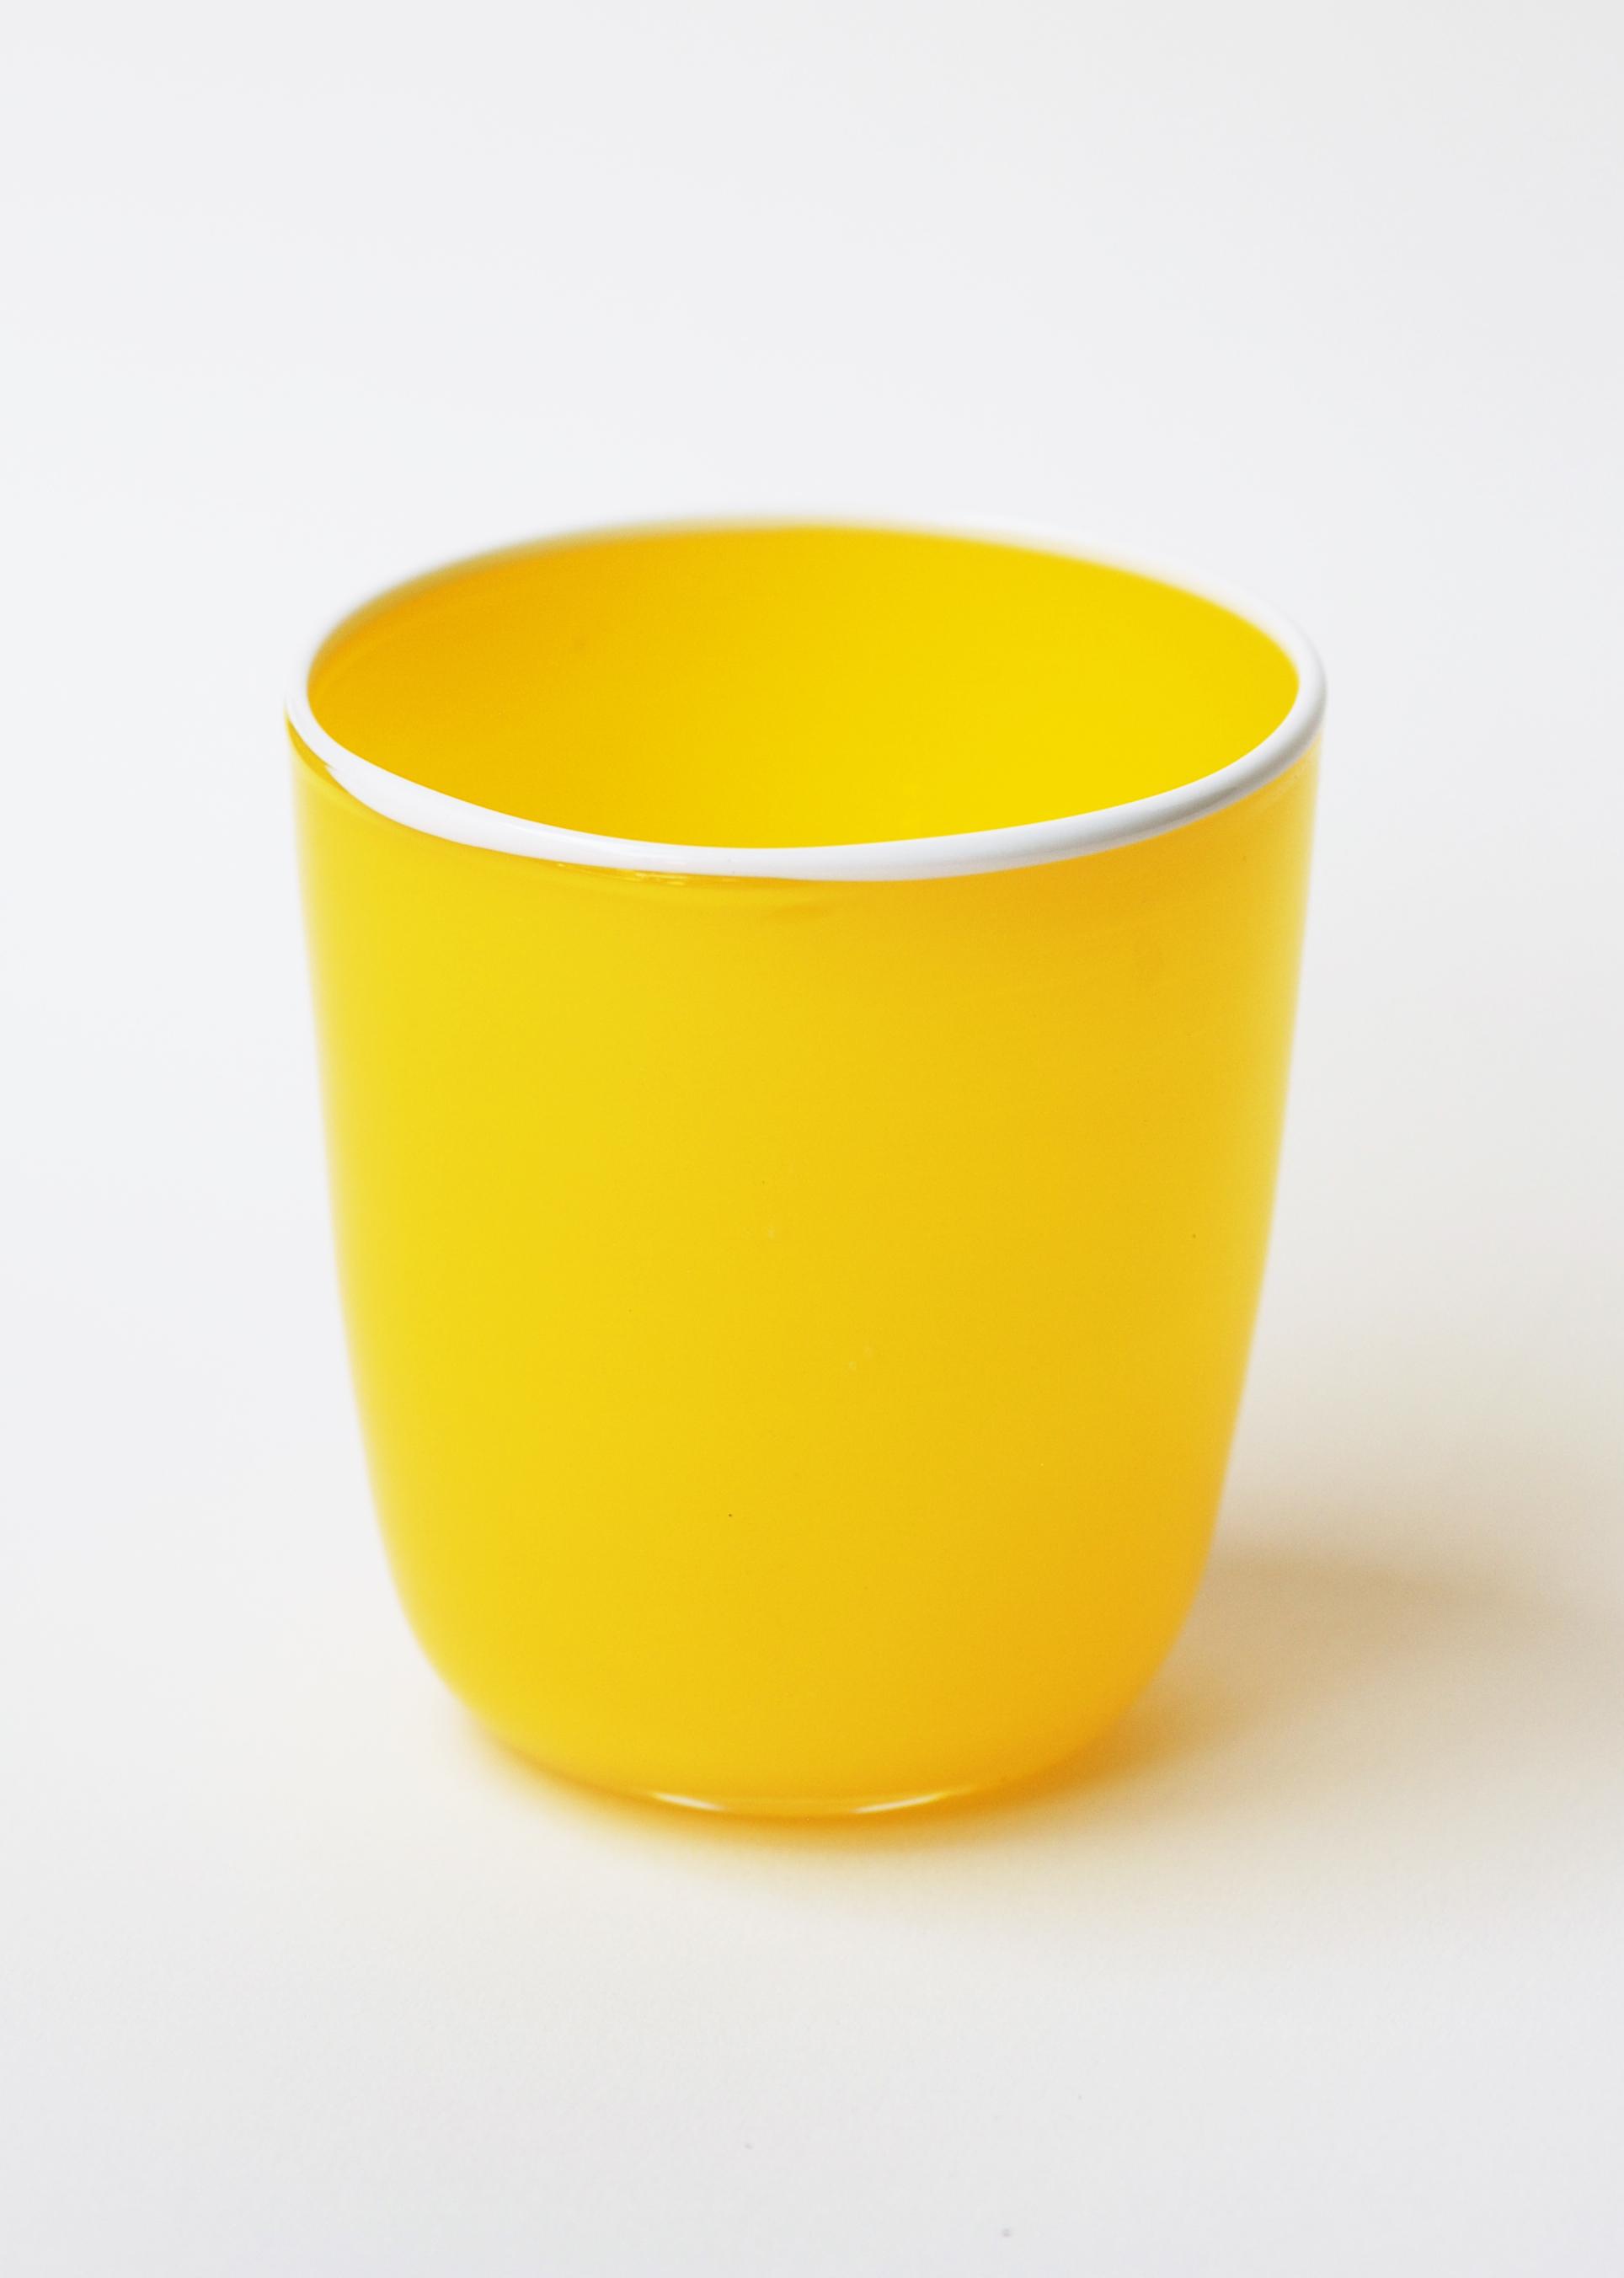 bumba-jaune-Eric-Lindgren-verre